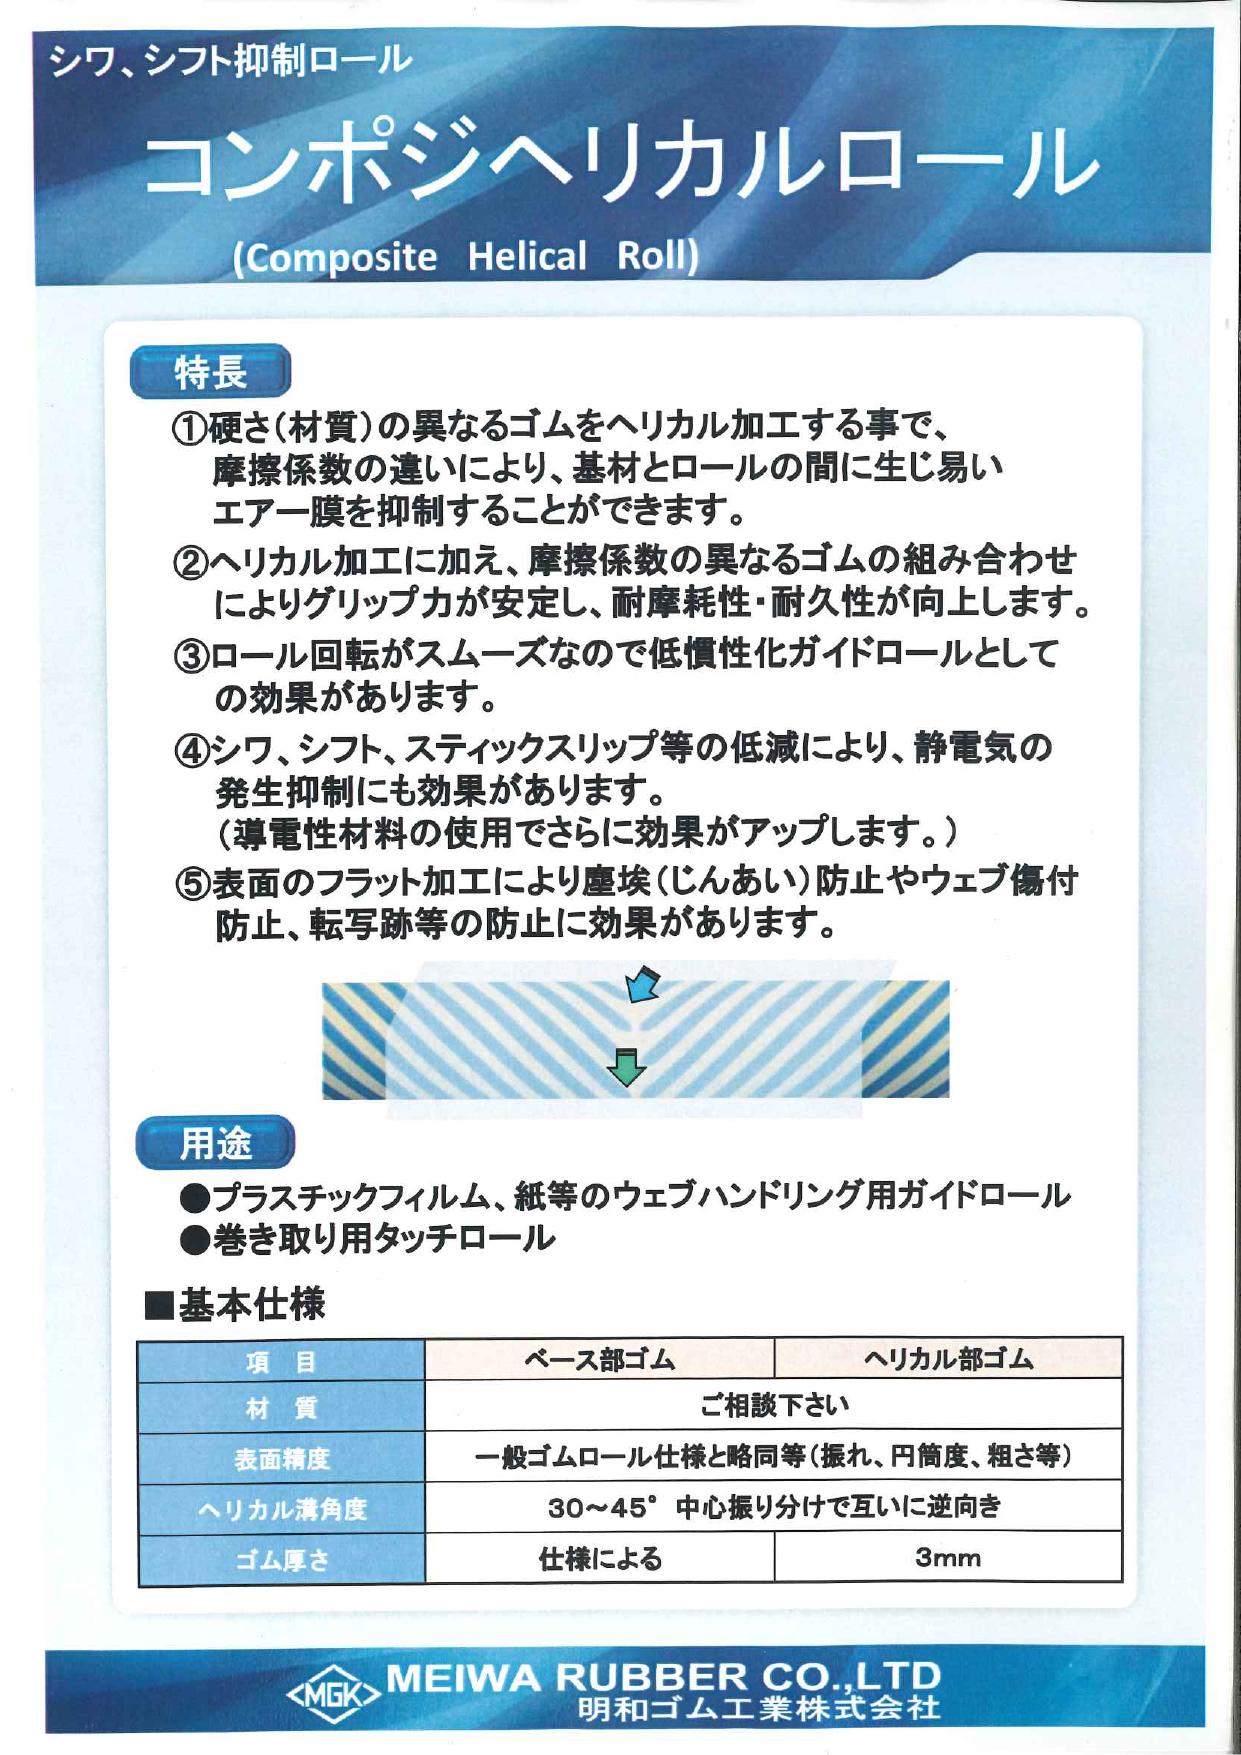 シワ・シフト抑制ロール コンポジヘリカルロール